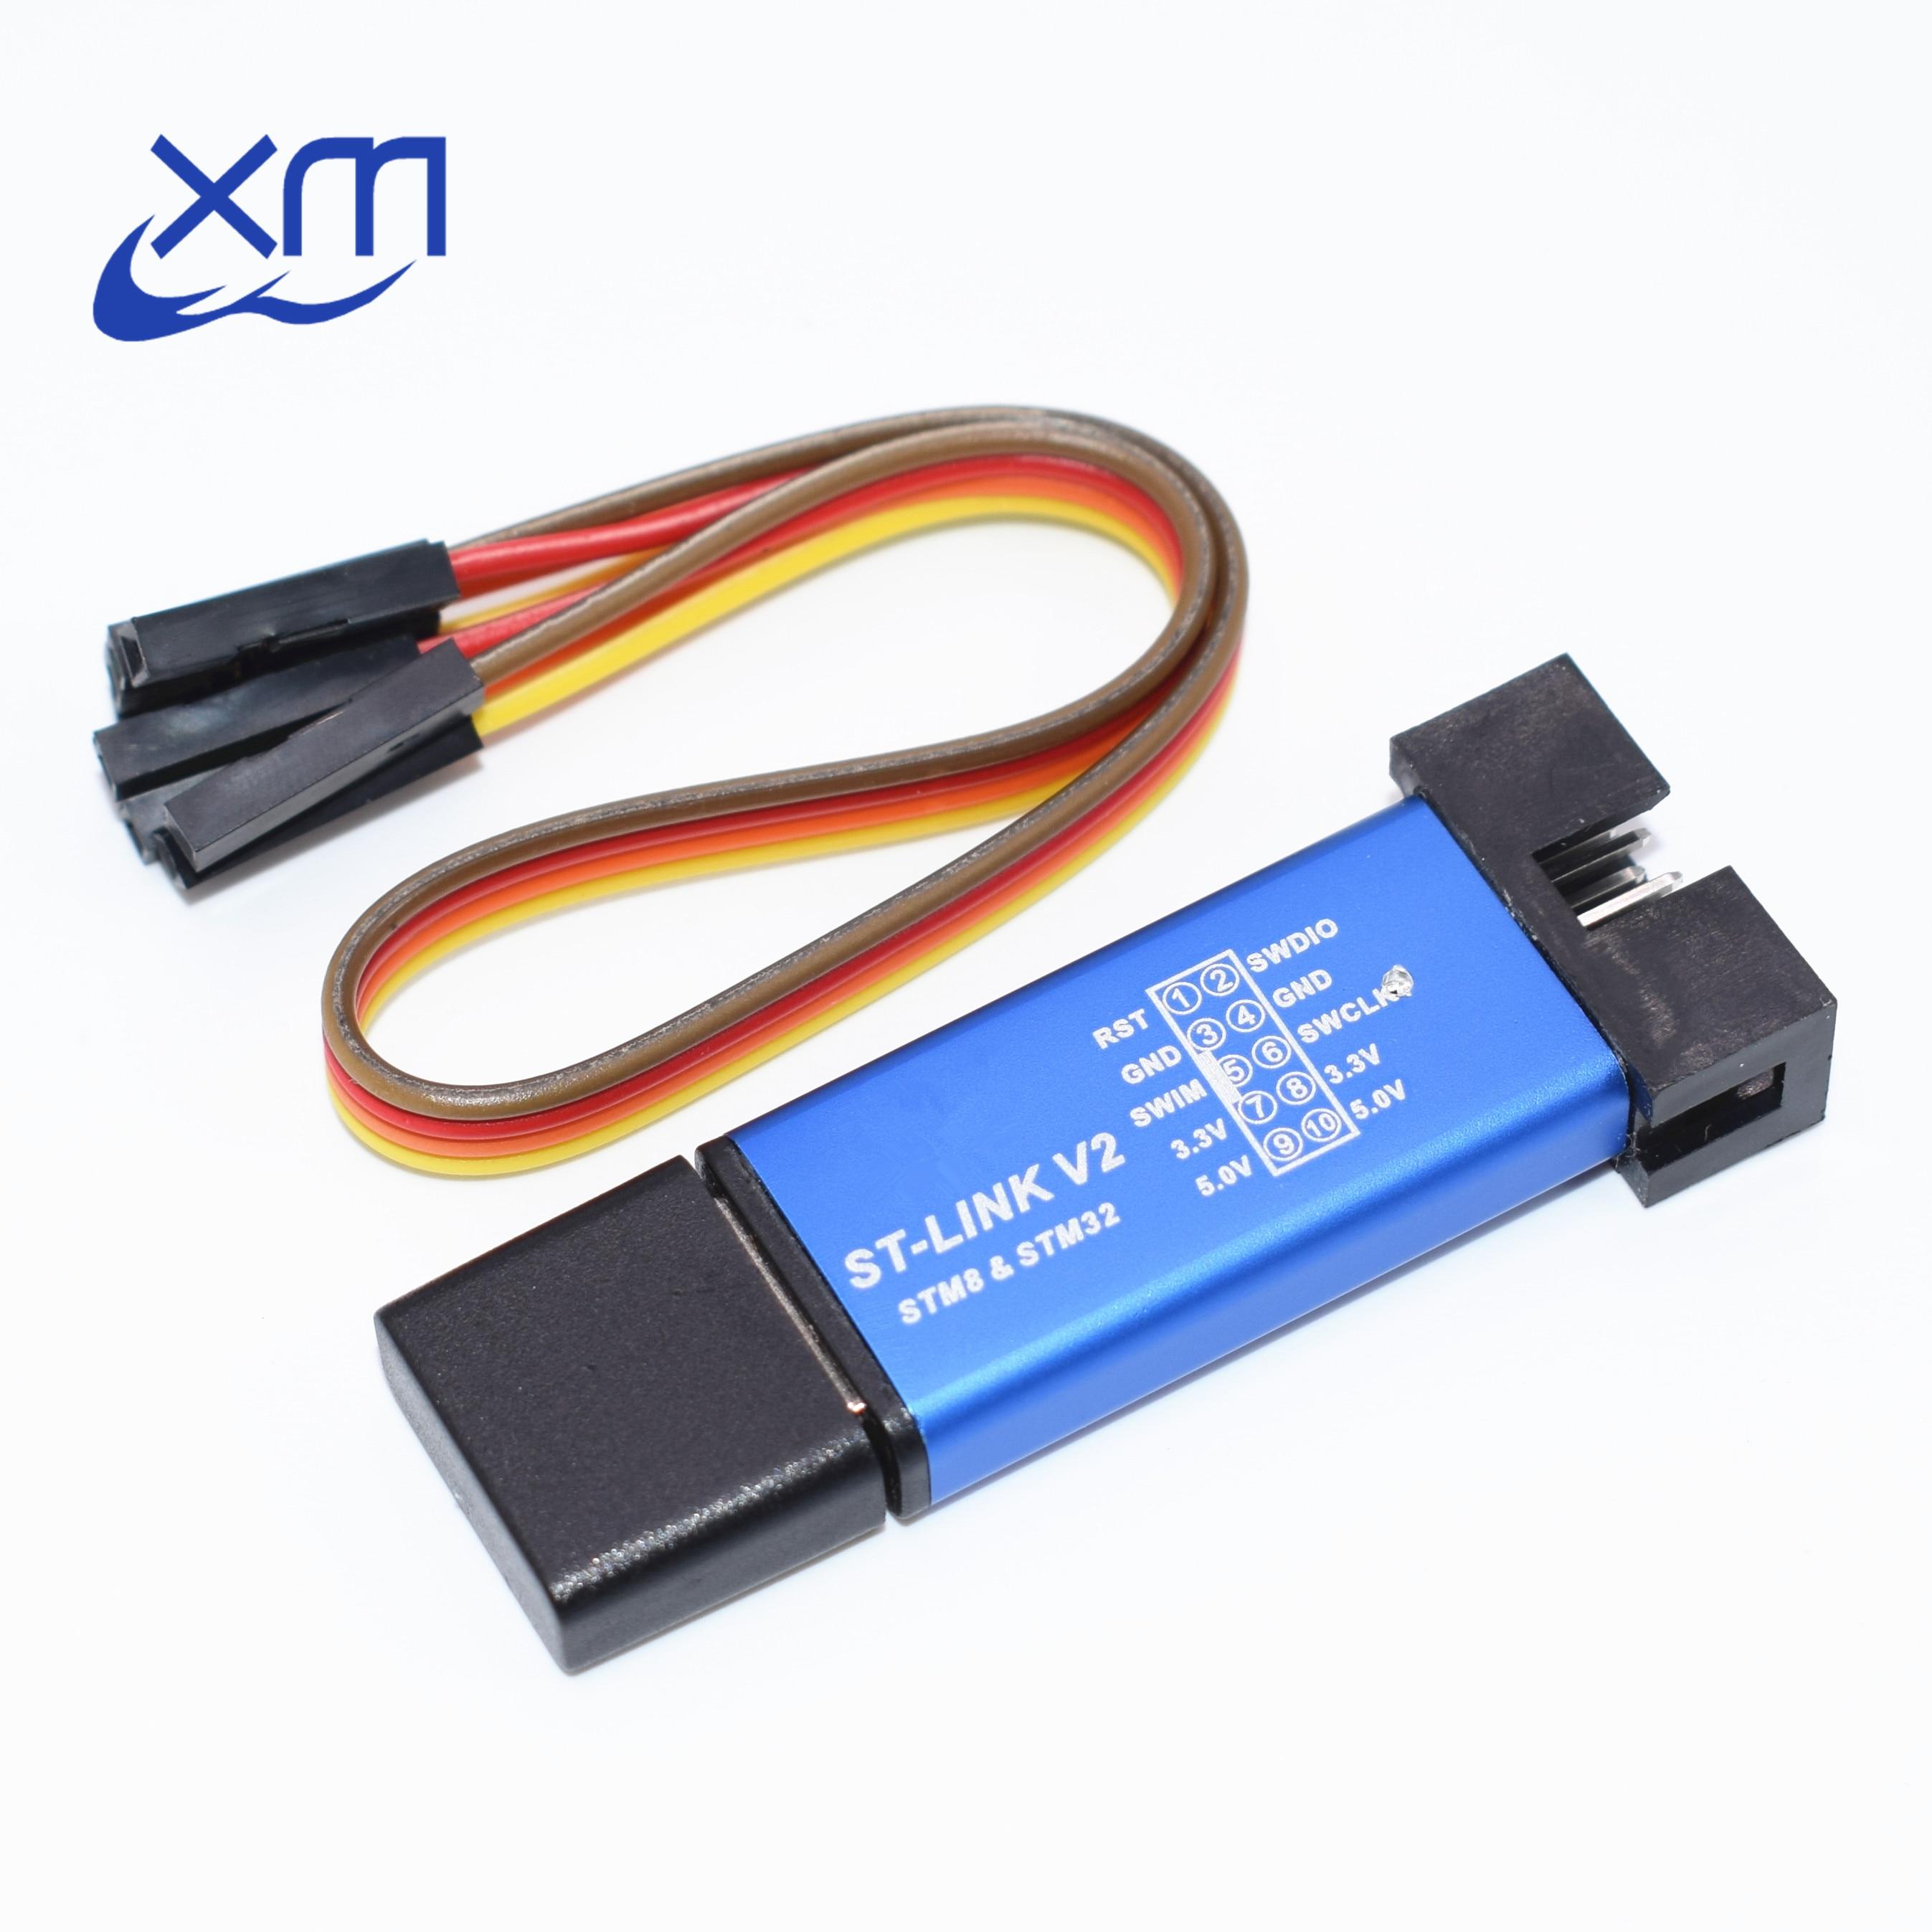 1 Uds. Stlink St-link V2 Mini STM8 STM32 Simulador De Descarga De Programación Con Cubierta A41